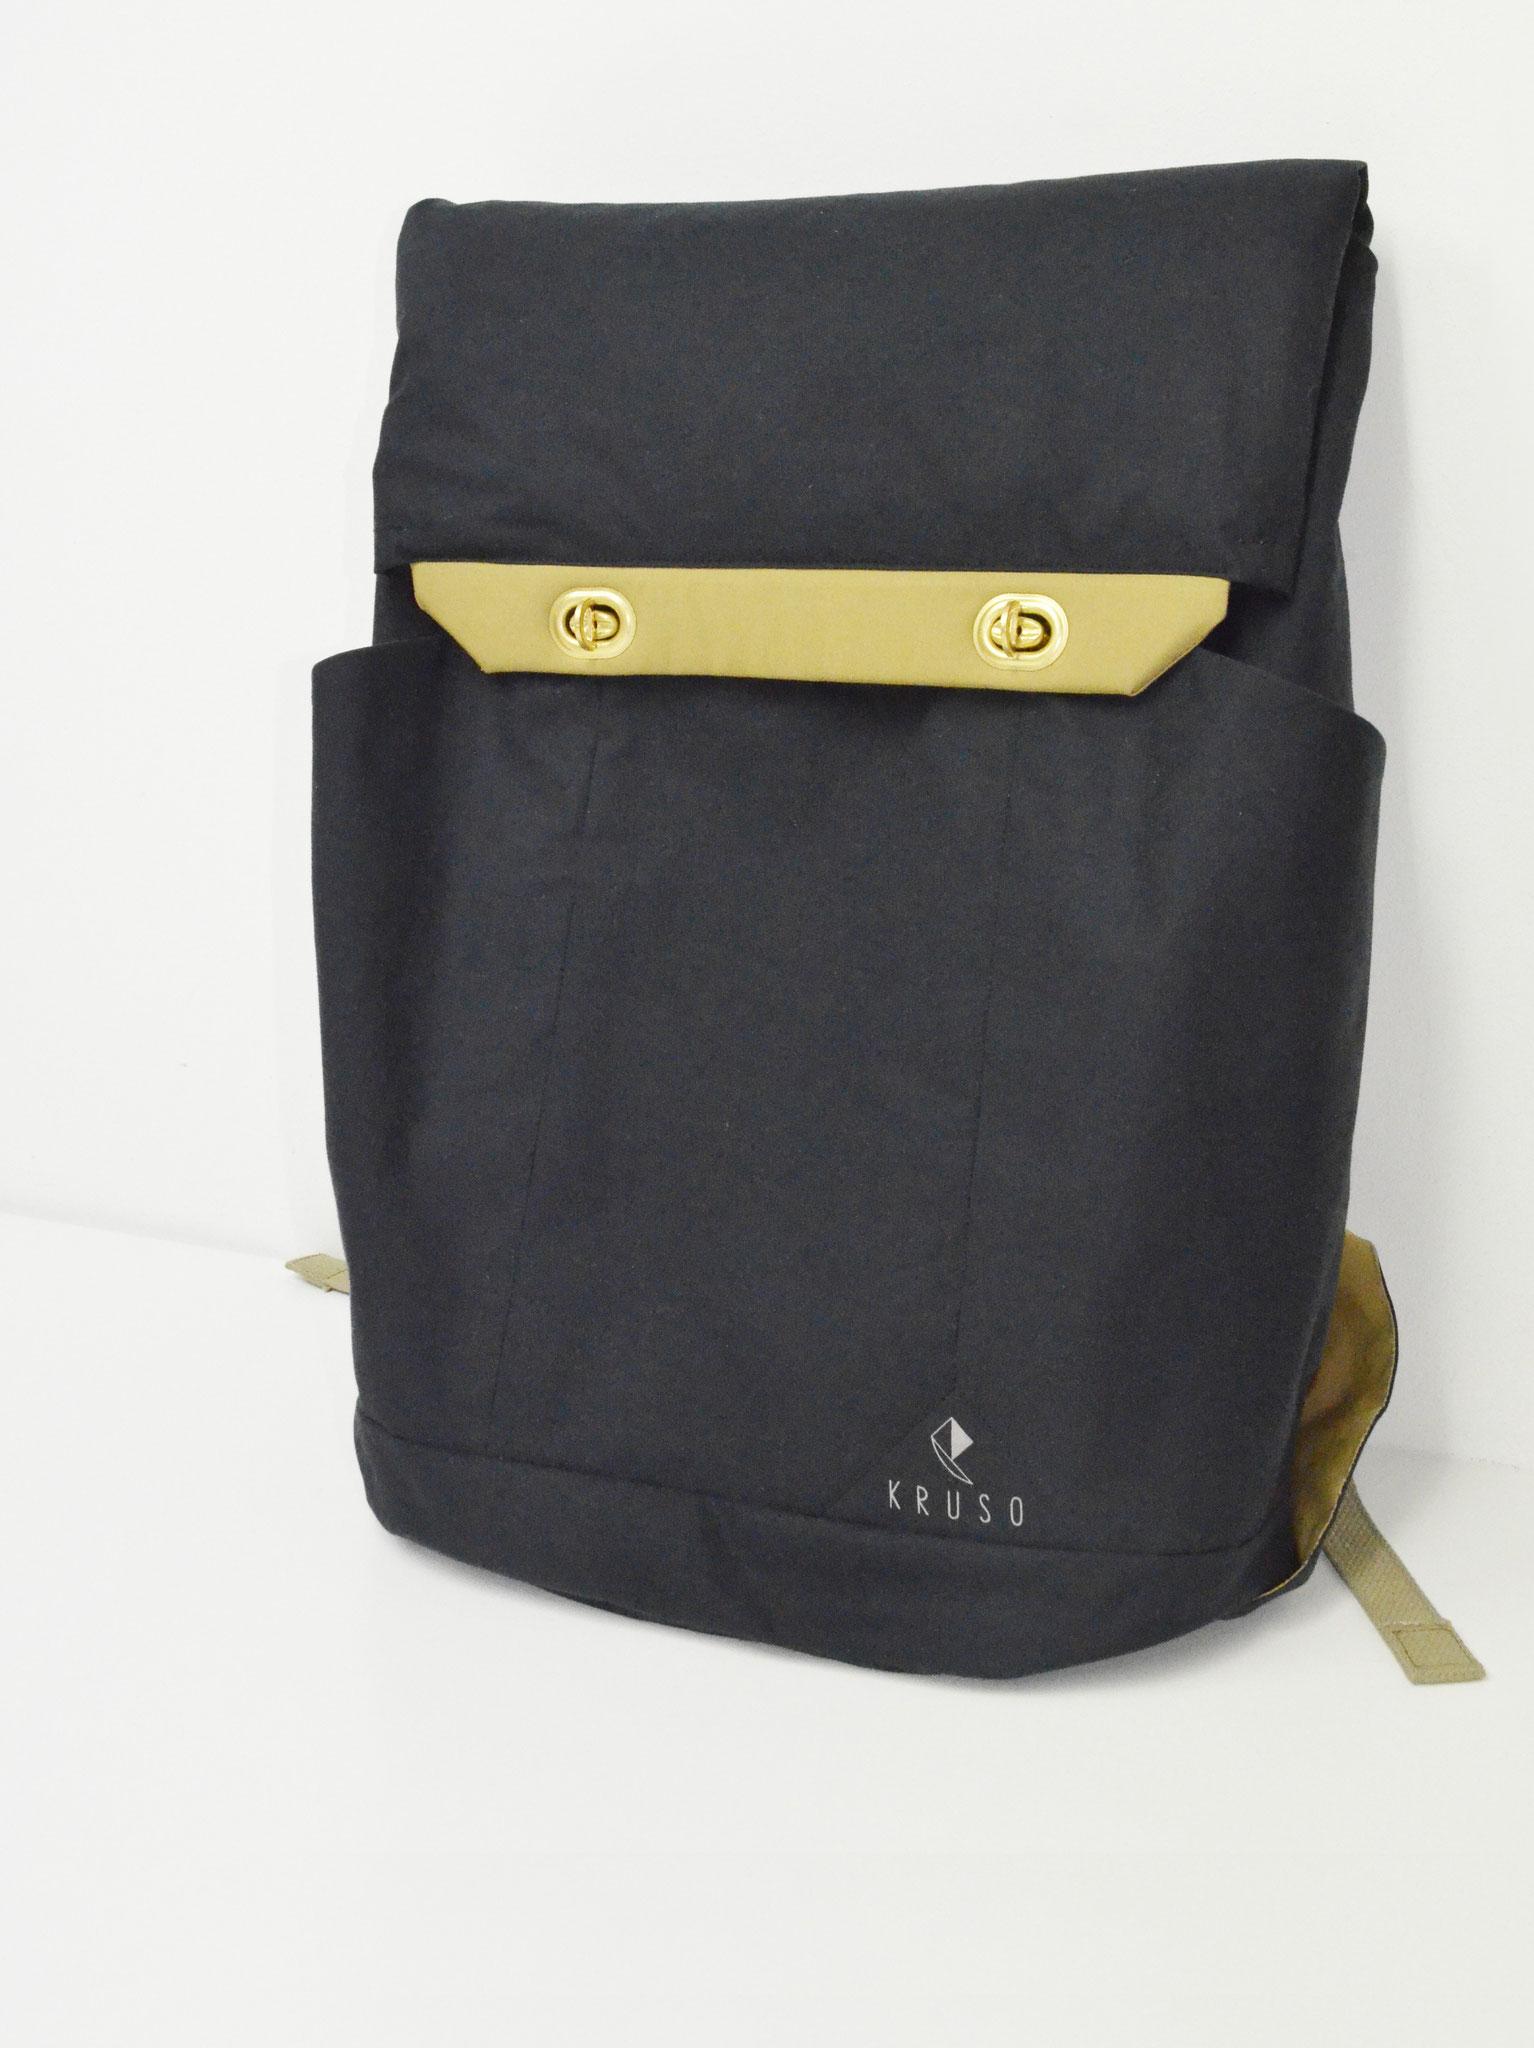 Drei Außentaschen für Regenschirm, Fahrradschloss und Wasserflasche